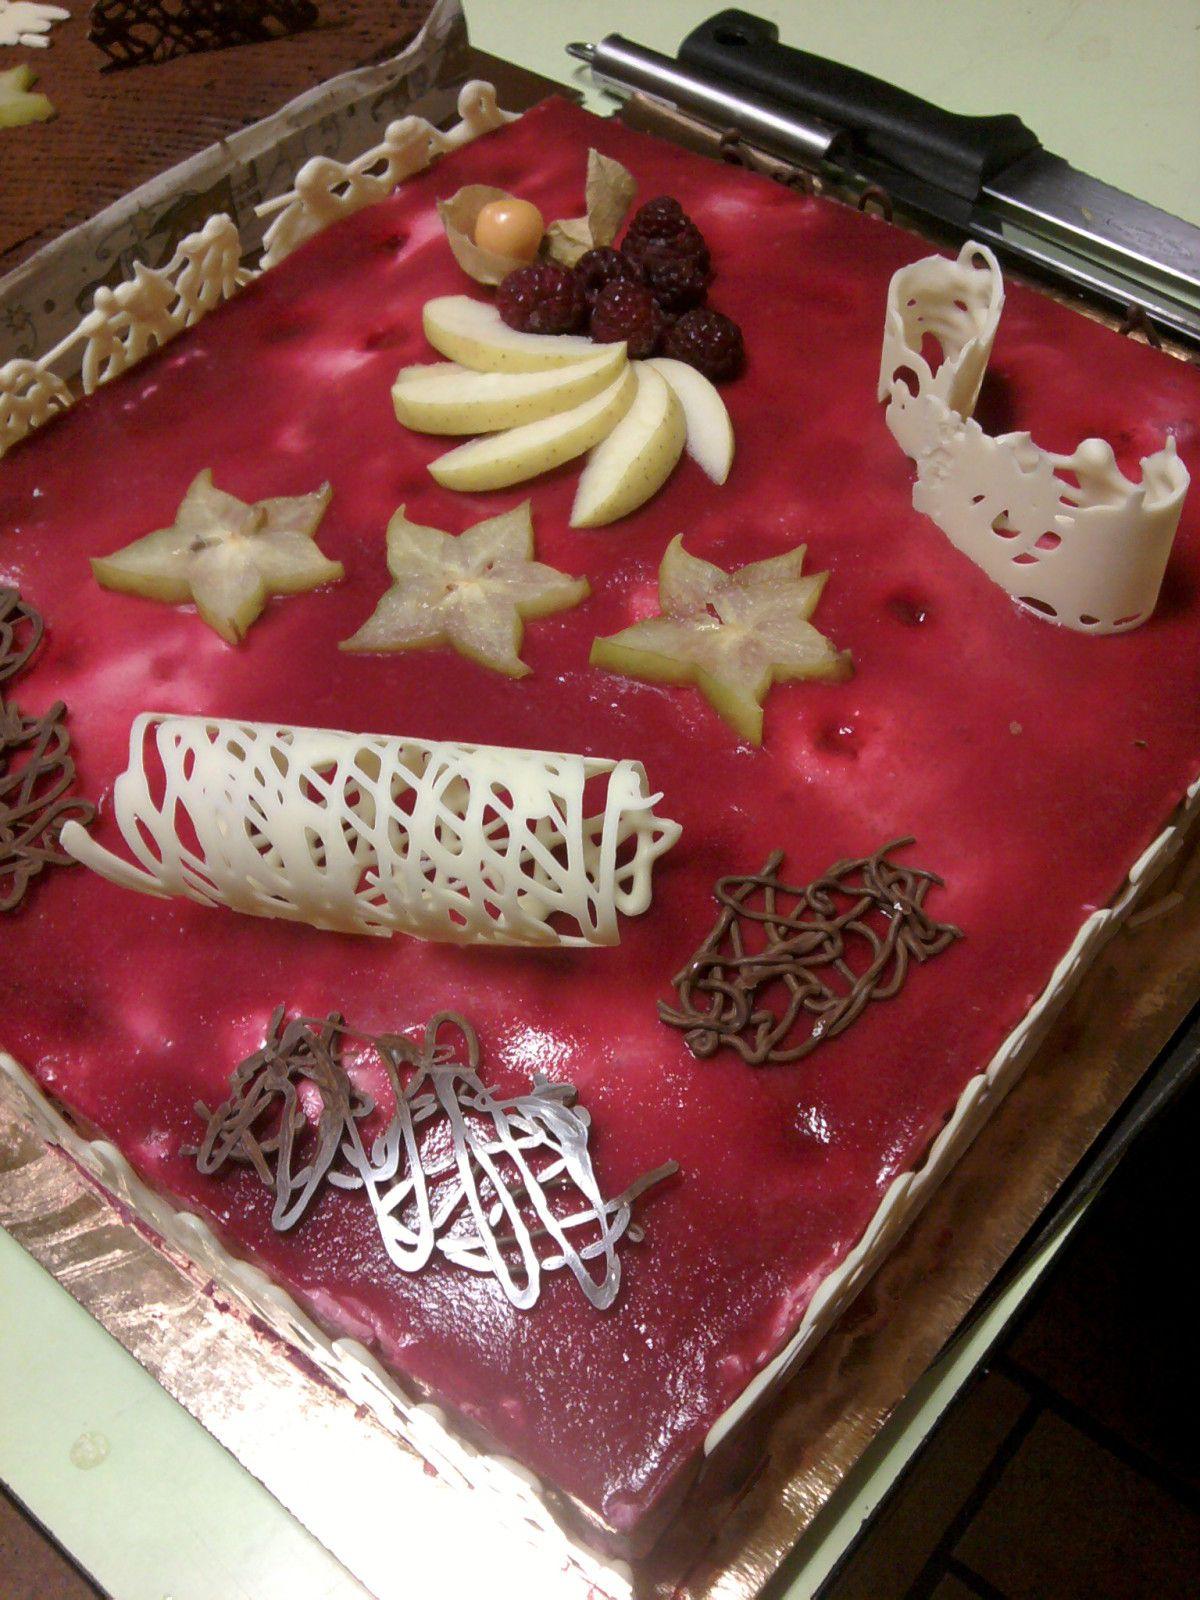 Recettes et astuces de cuisine d coration en - Decoration en chocolat trucs et astuces ...